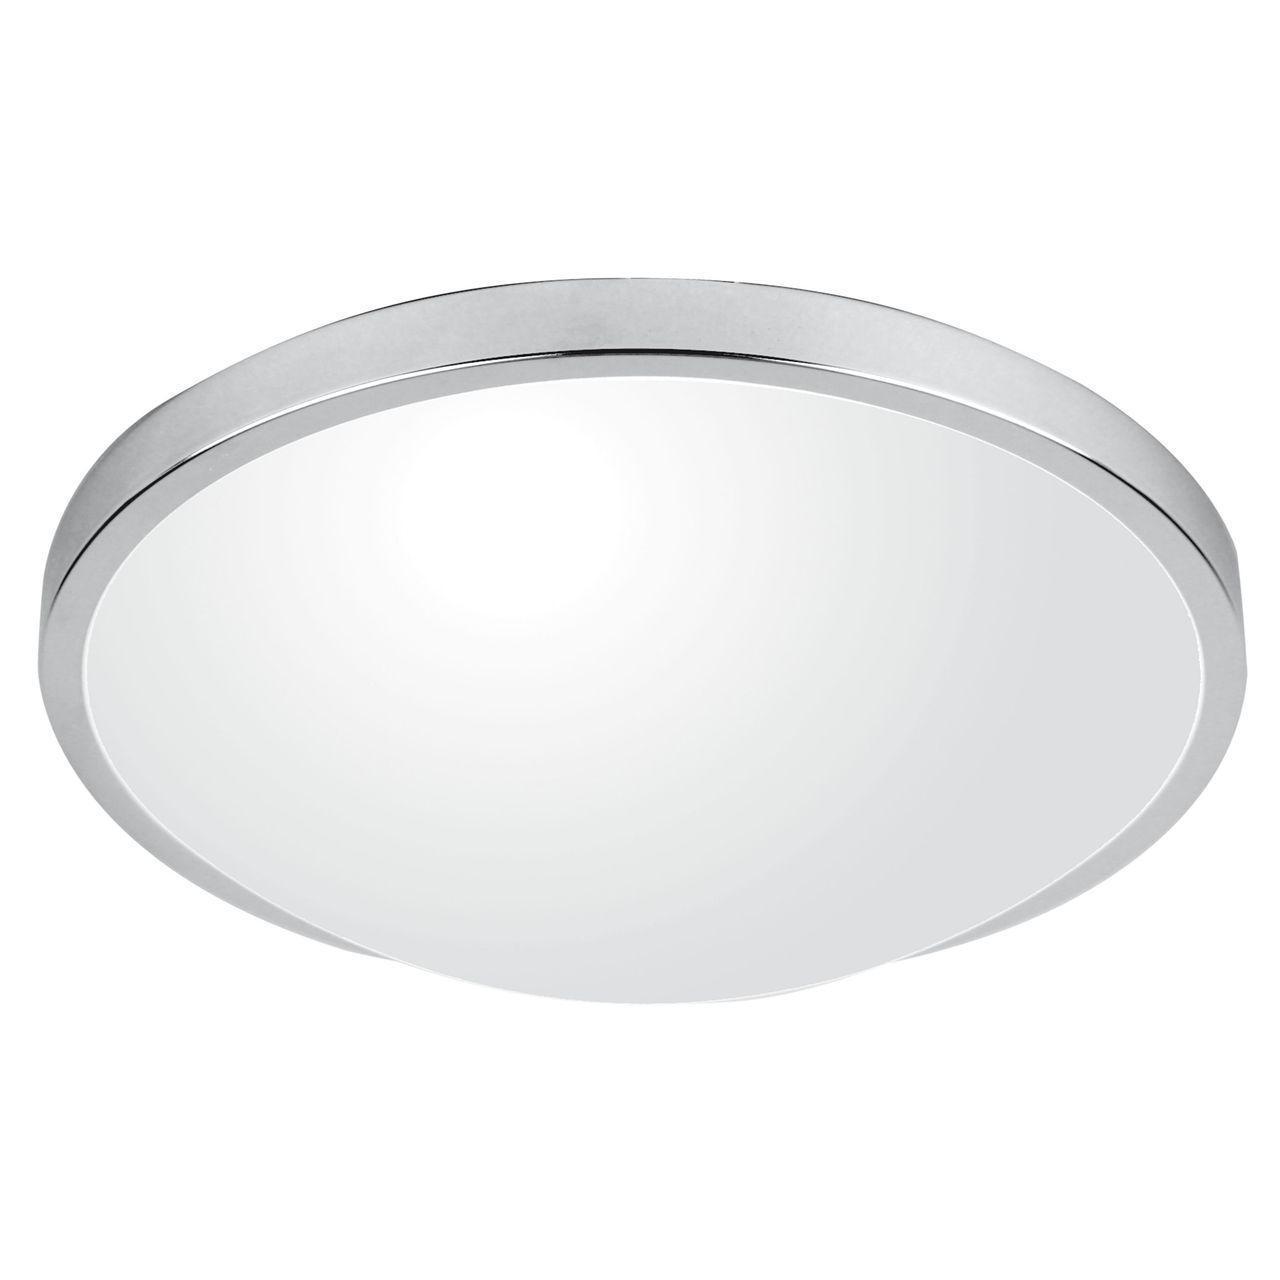 Фото - Потолочный светодиодный светильник Spot Light Easy 4641018 потолочный светодиодный светильник spot light 4723502